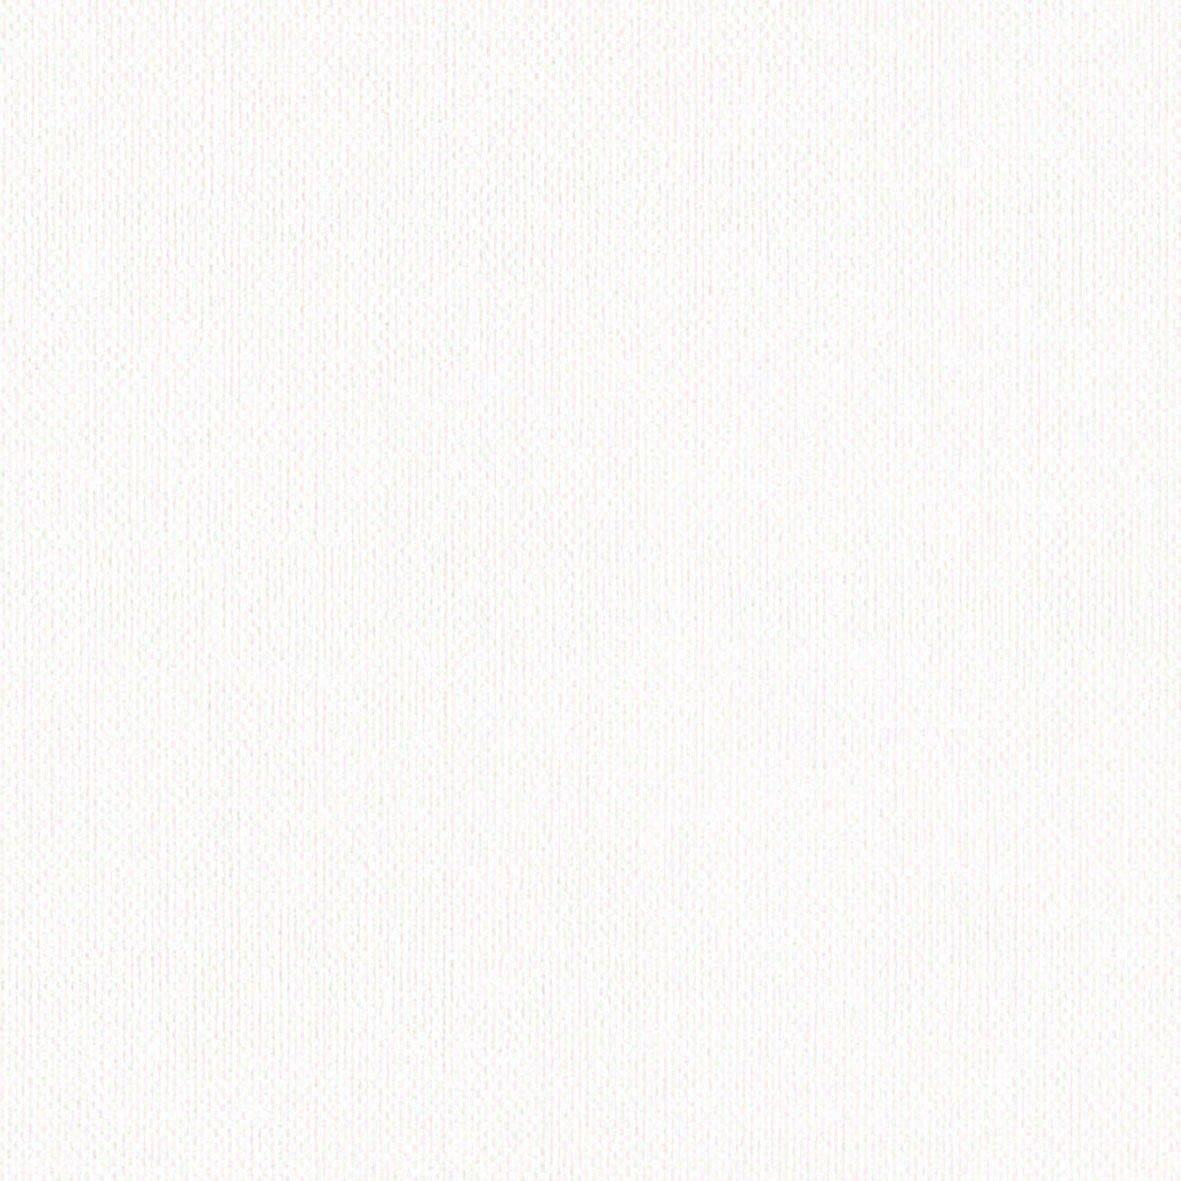 リリカラ 壁紙49m シンフル 無地 レッド LL-8719 B01N3SXND0 49m,レッド